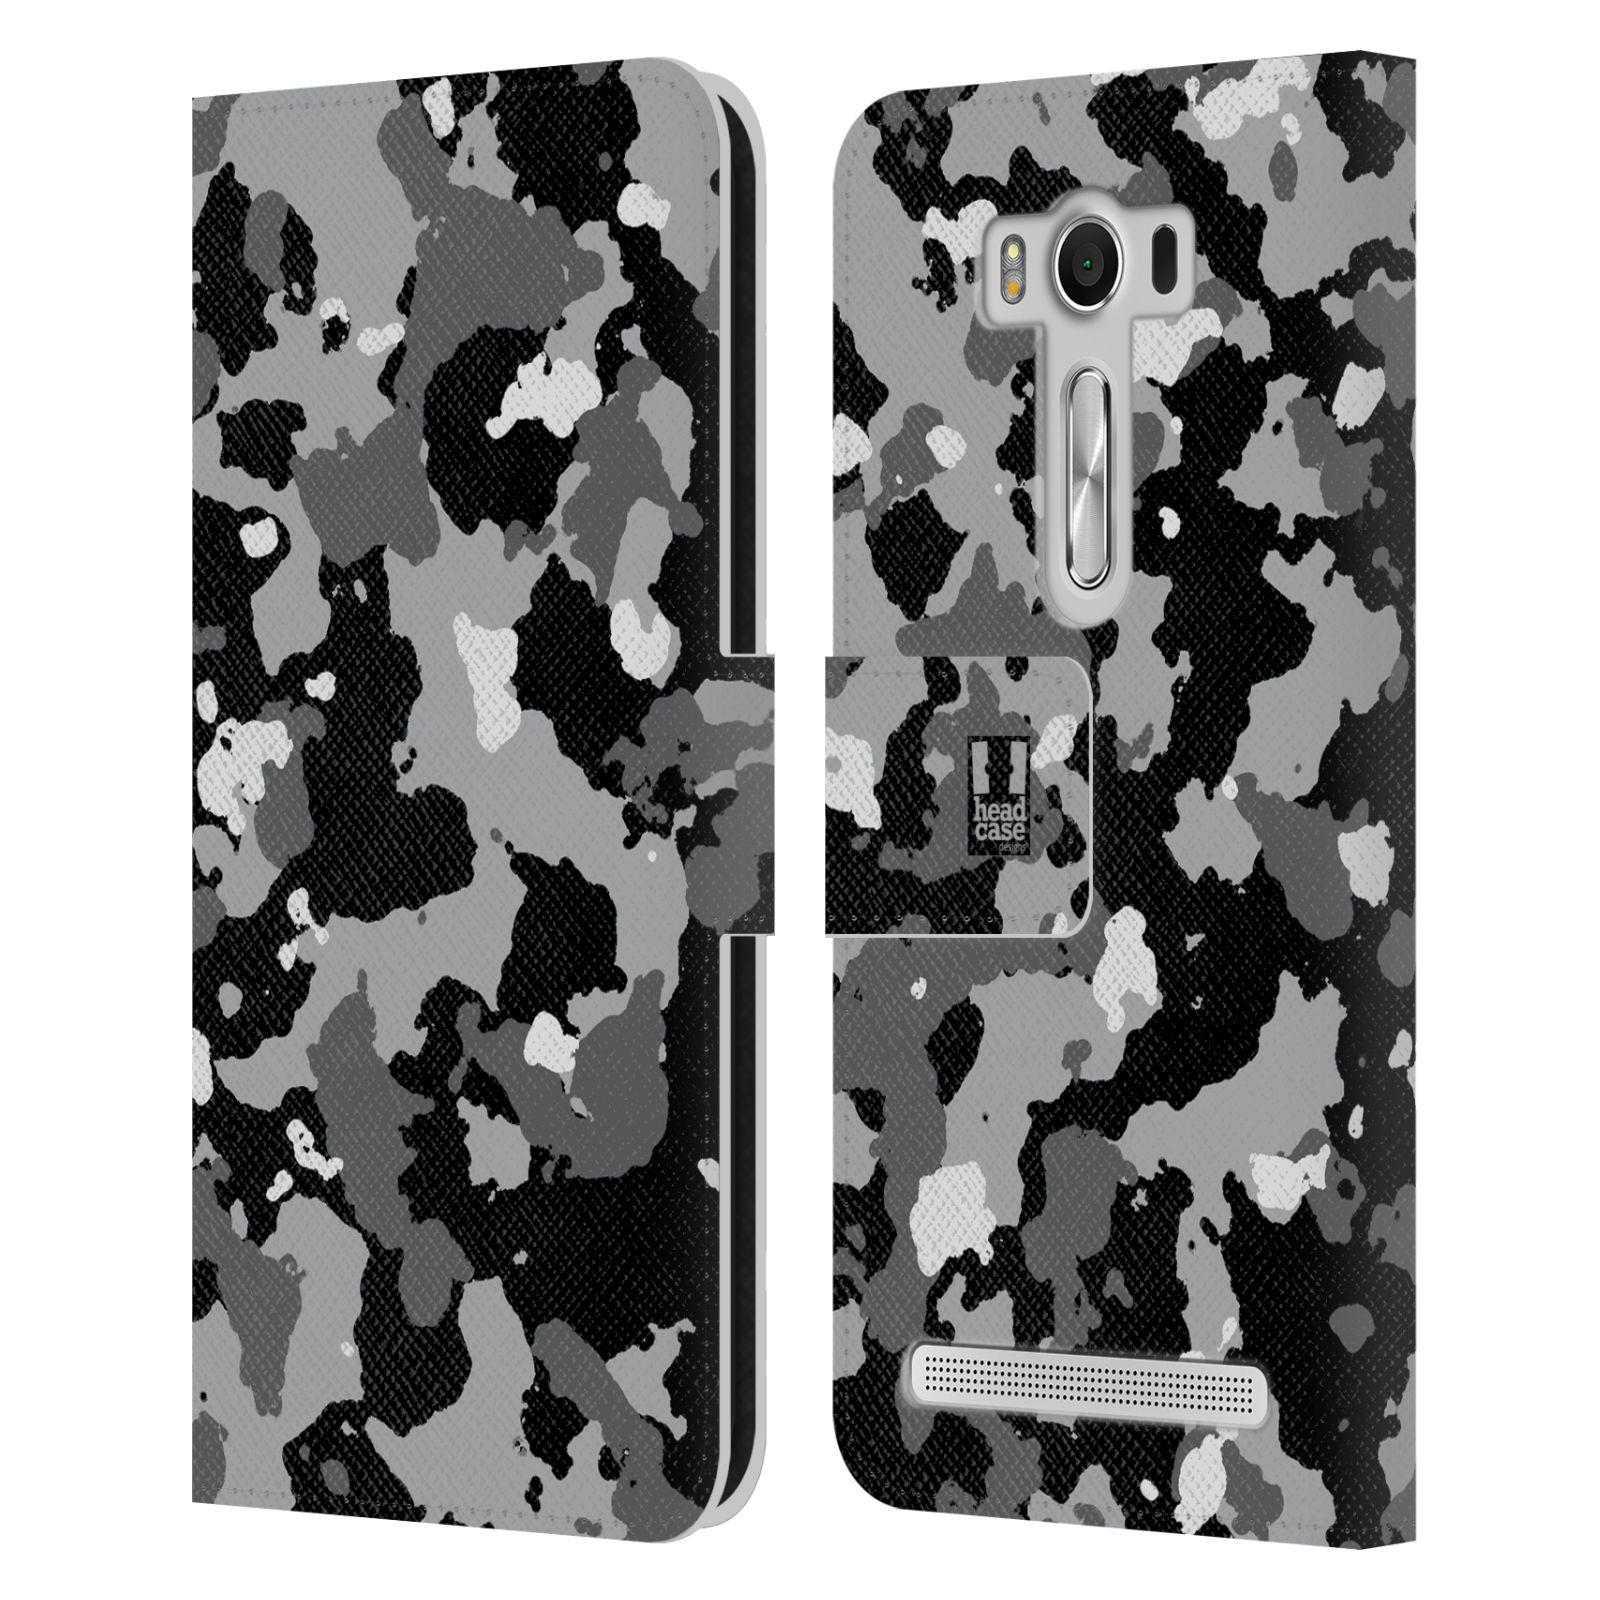 Pouzdro na mobil Asus Zenfone 2 Laser ZE500KL - Head Case - kamuflaž černá a šedá